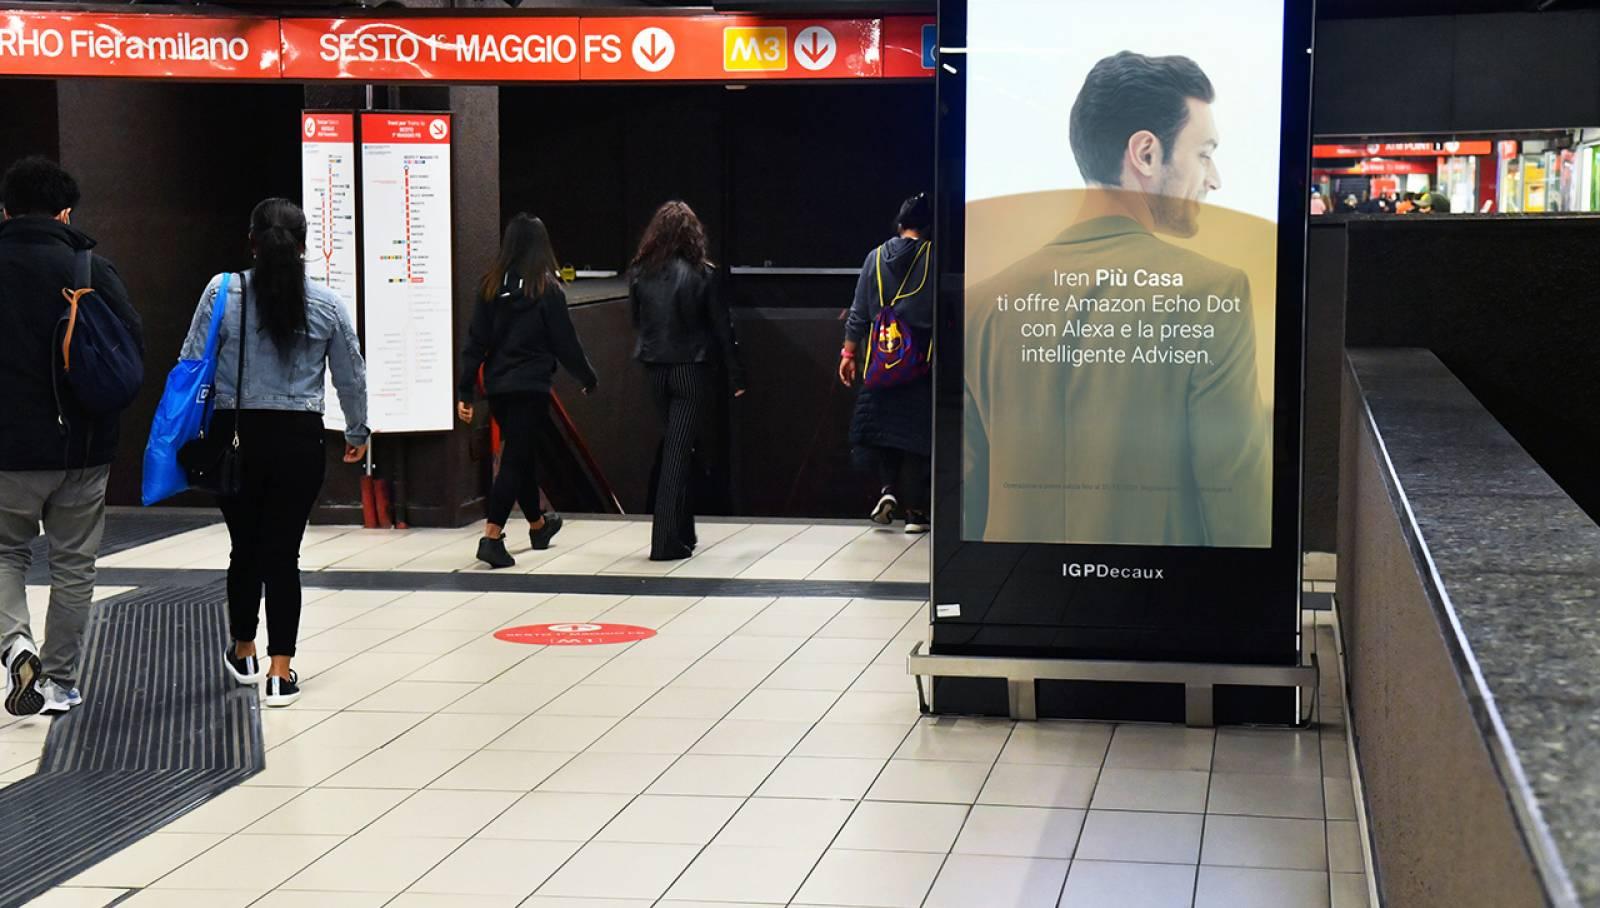 Pubblicità in metropolitana a Milano IGPDecaux Station Domination per Iren